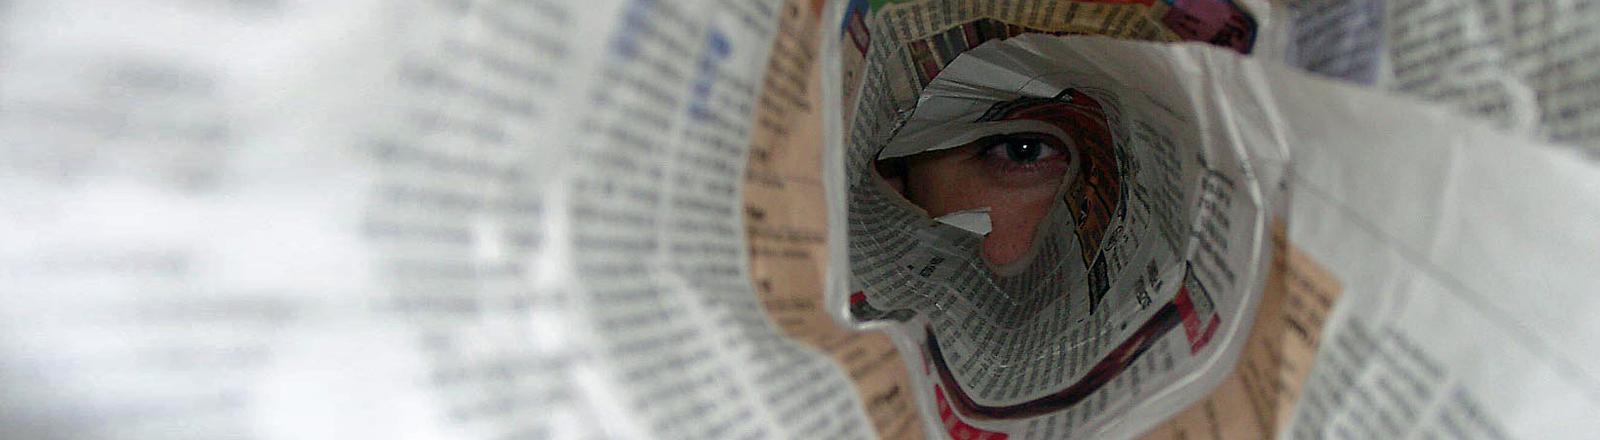 Ein Mann schaut durch eine zusammengerollte Zeitung.